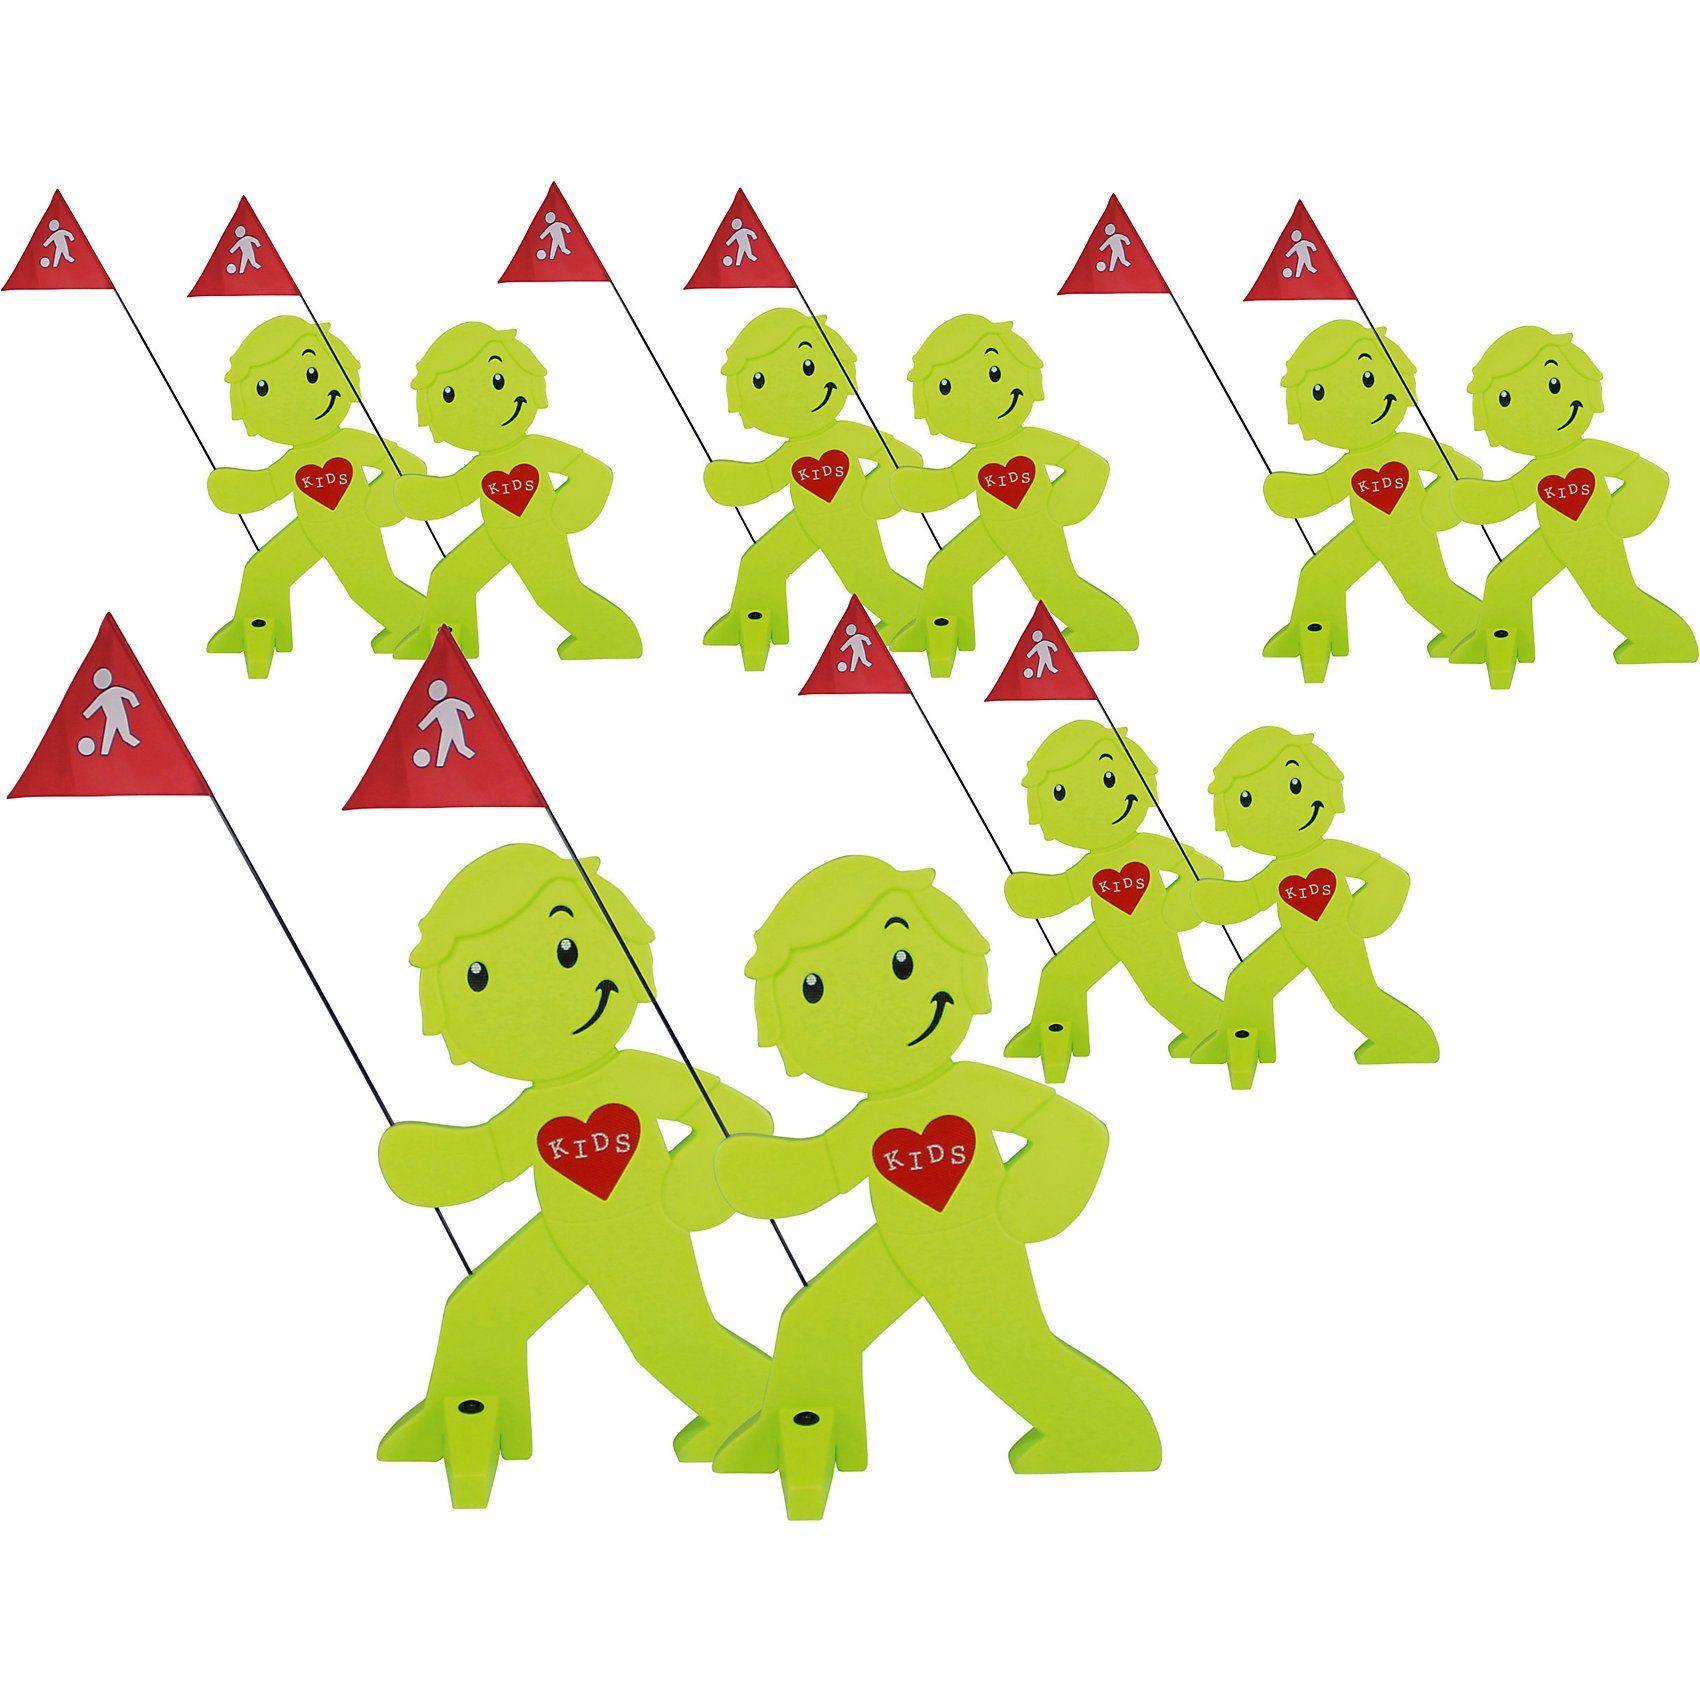 Beachtrekker StreetBuddy Warnfigur für Kindersicherheit, grün, 10 Stück